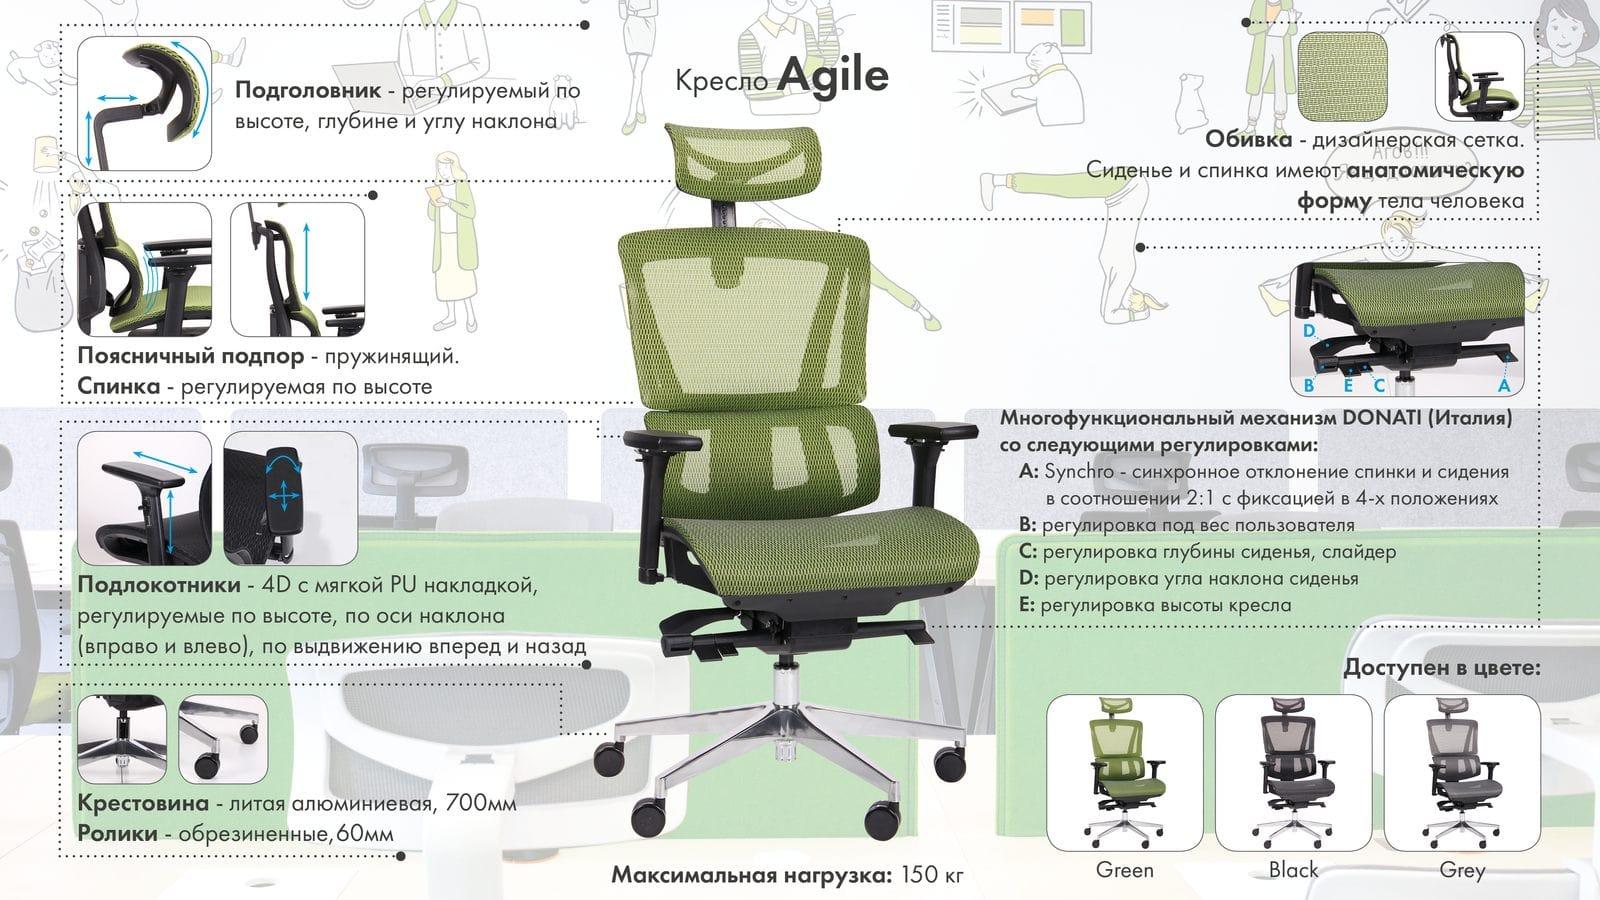 Кресло Agile Описание